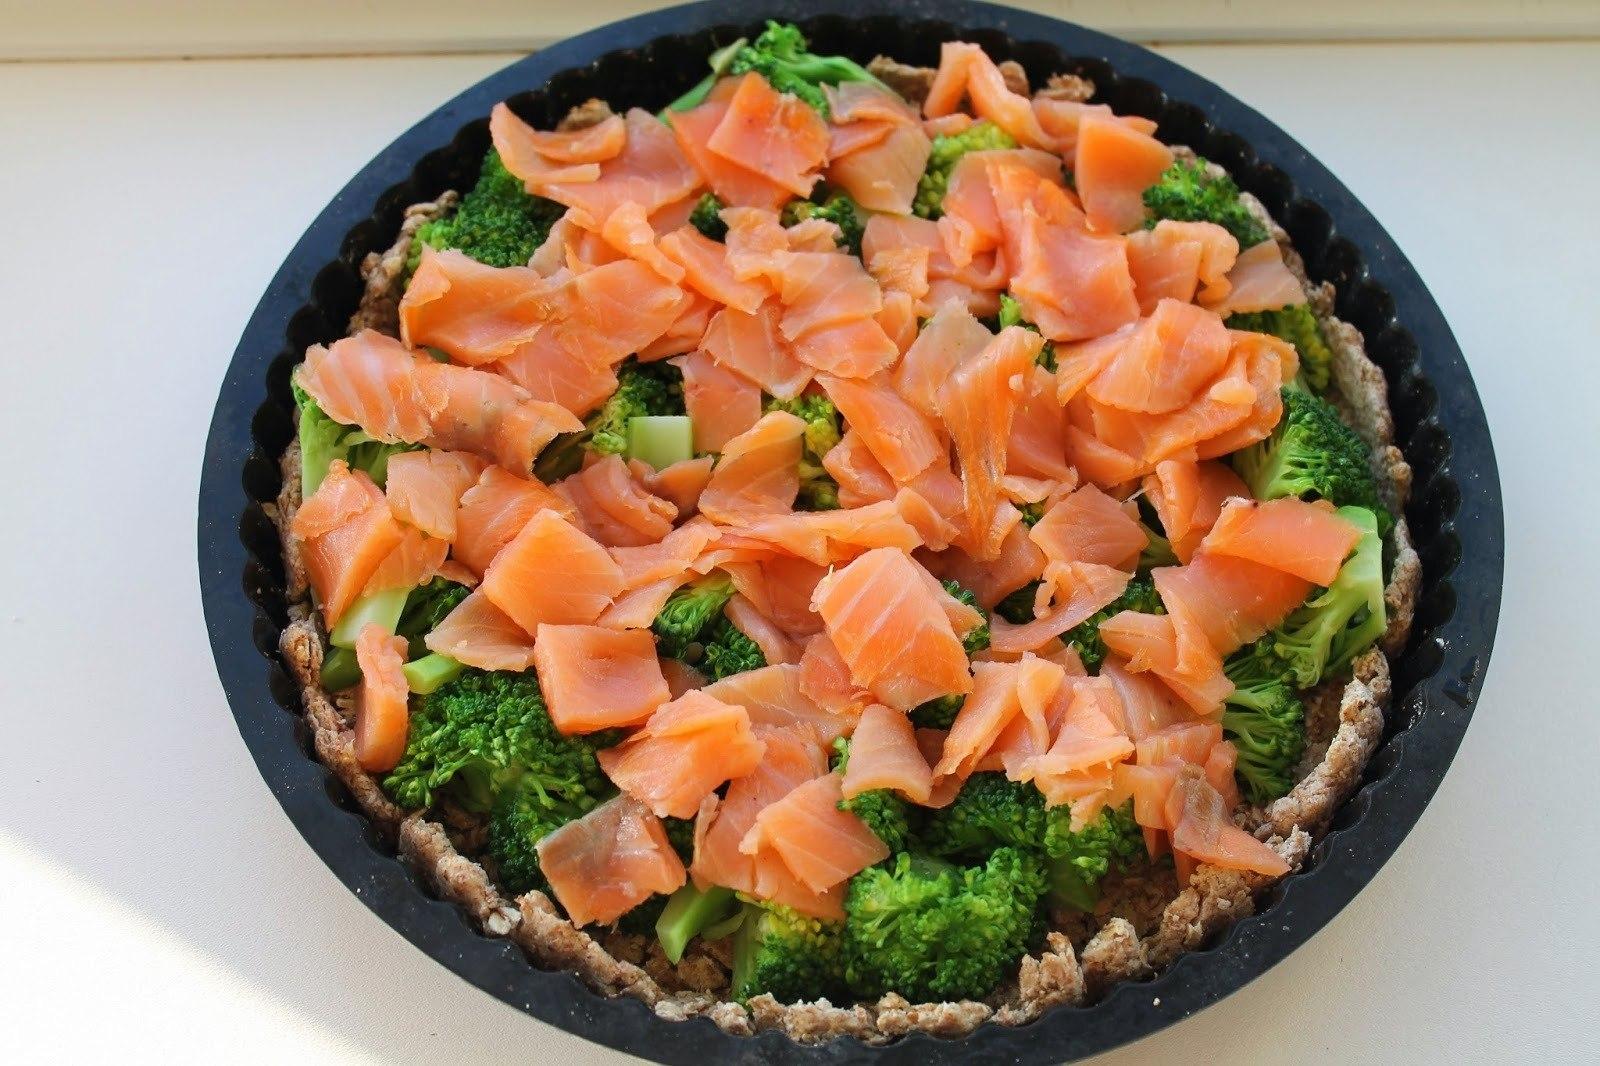 Tærte med røget laks og broccoli